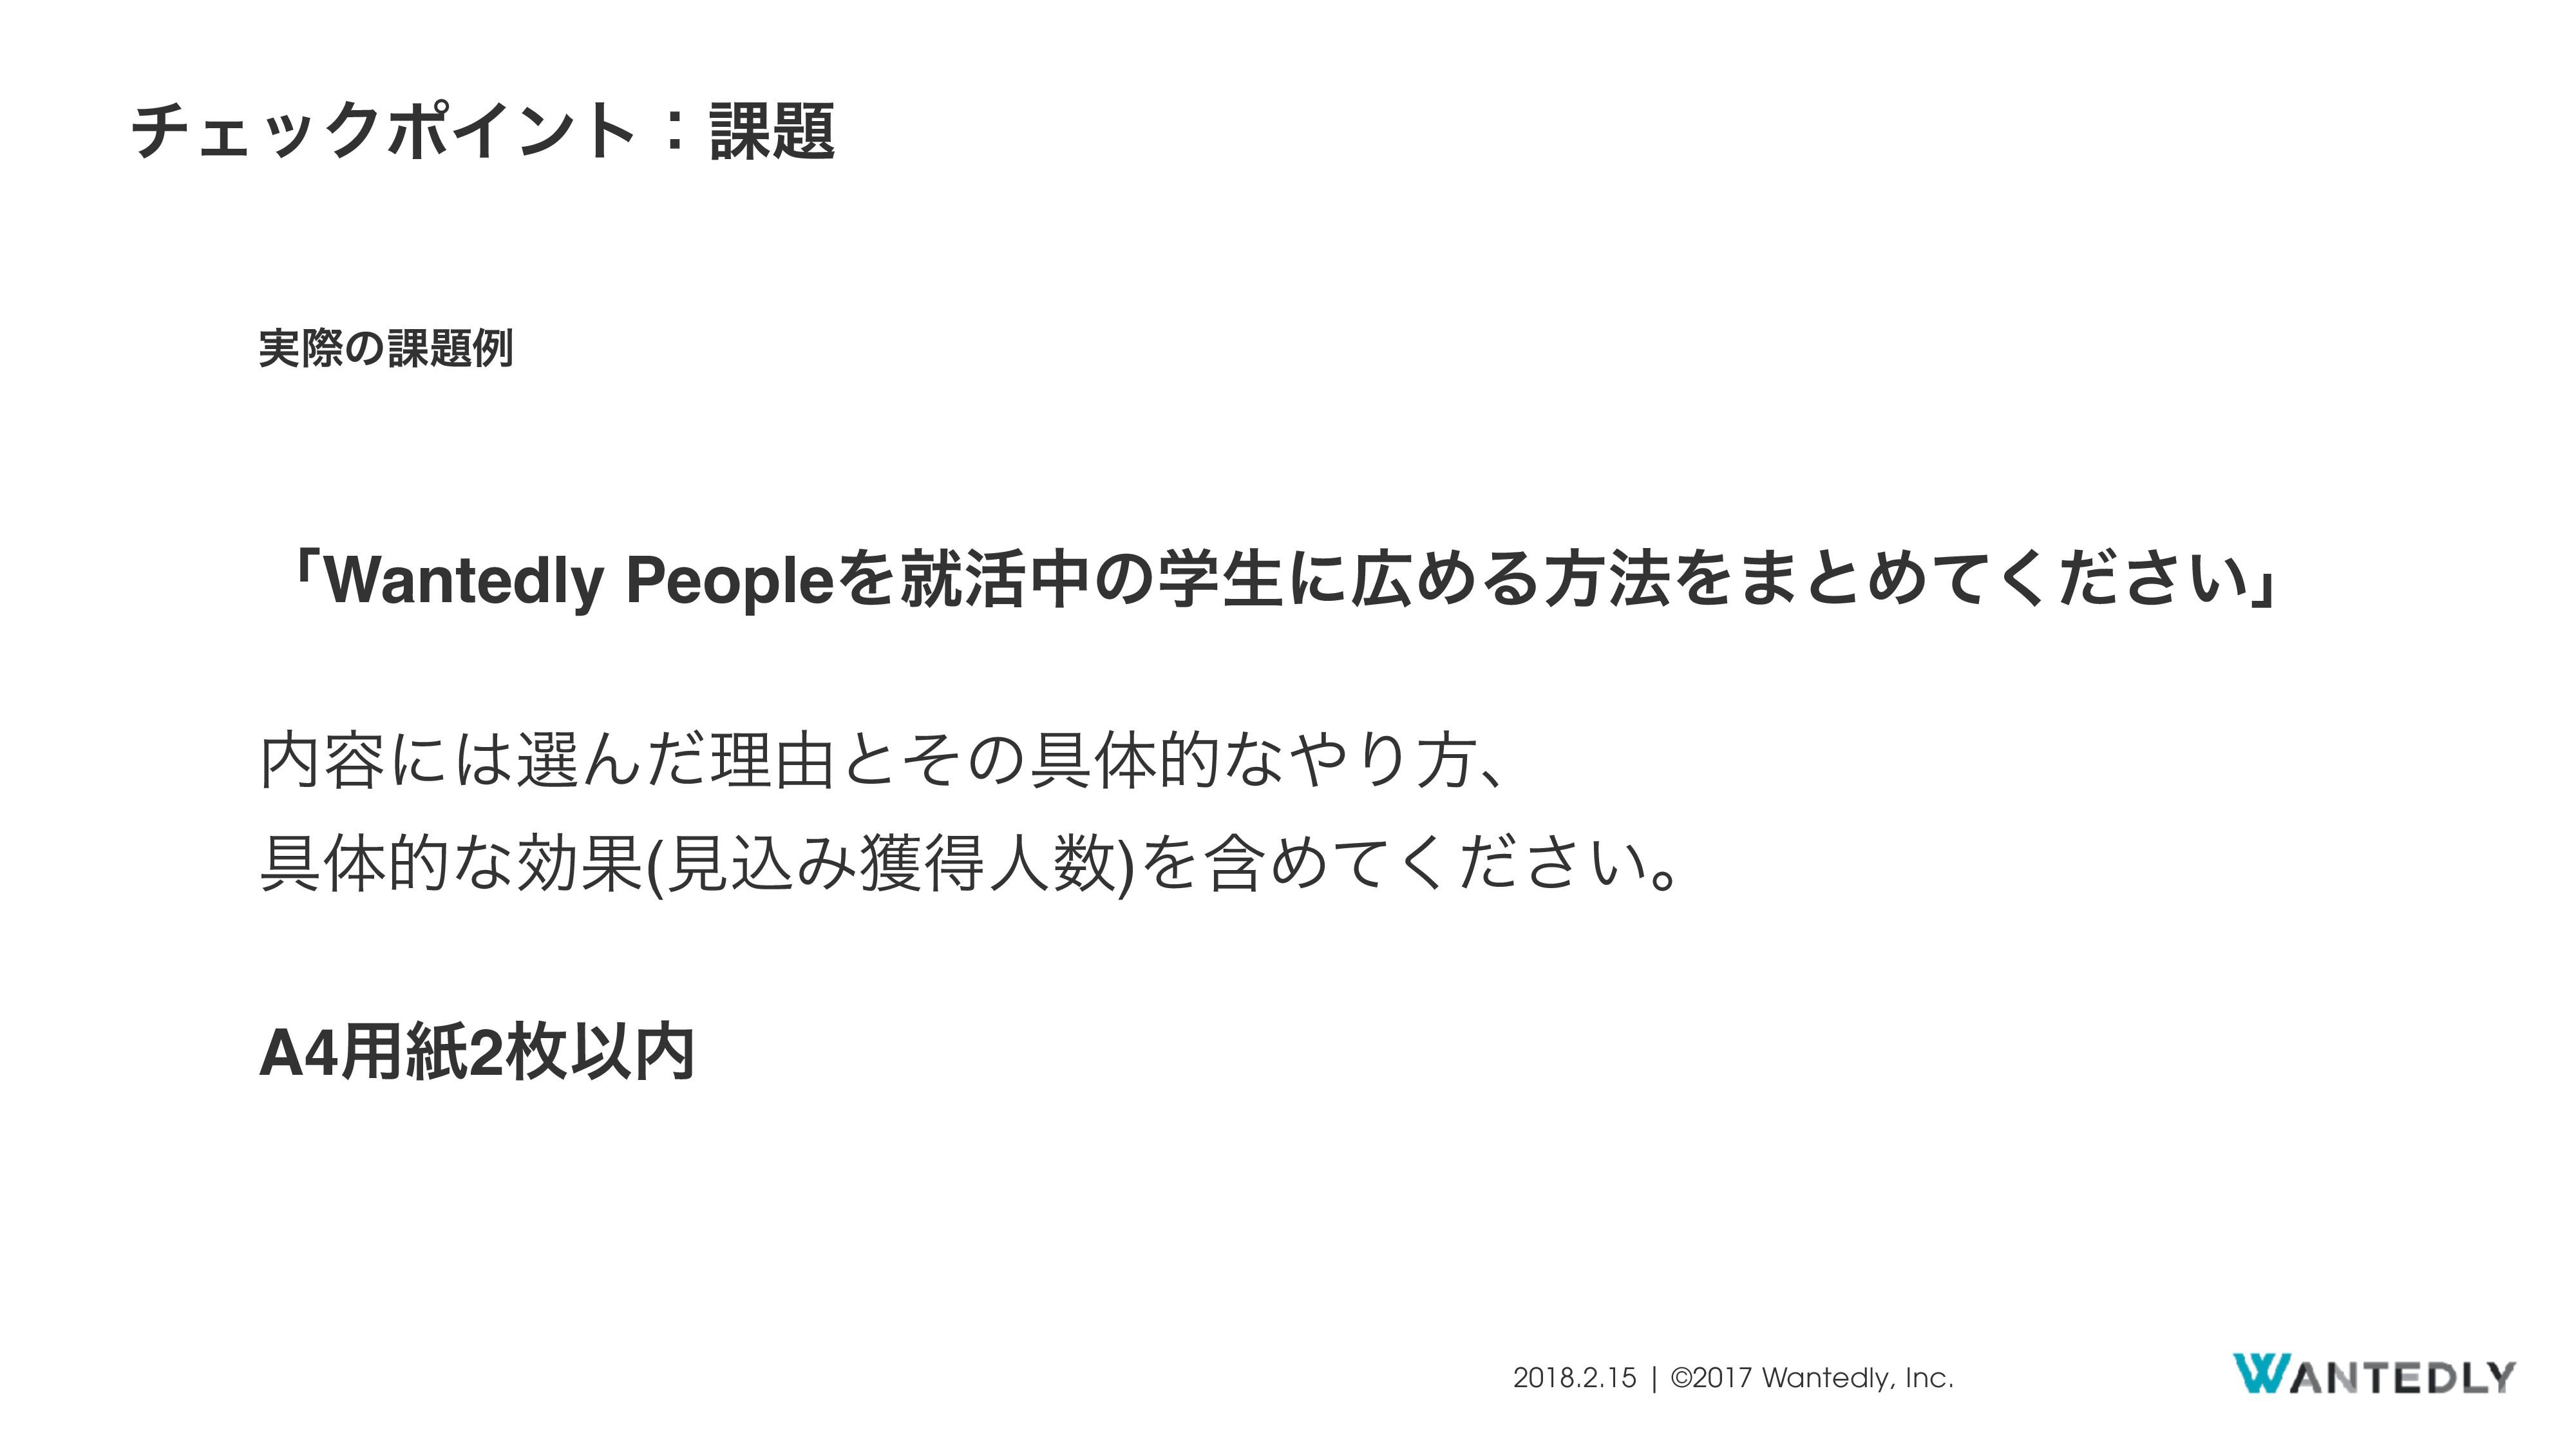 νΣοΫϙΠϯτɿ՝ ʮWantedly PeopleΛब׆தͷֶੜʹΊΔํ๏Λ·ͱΊͯ͘...